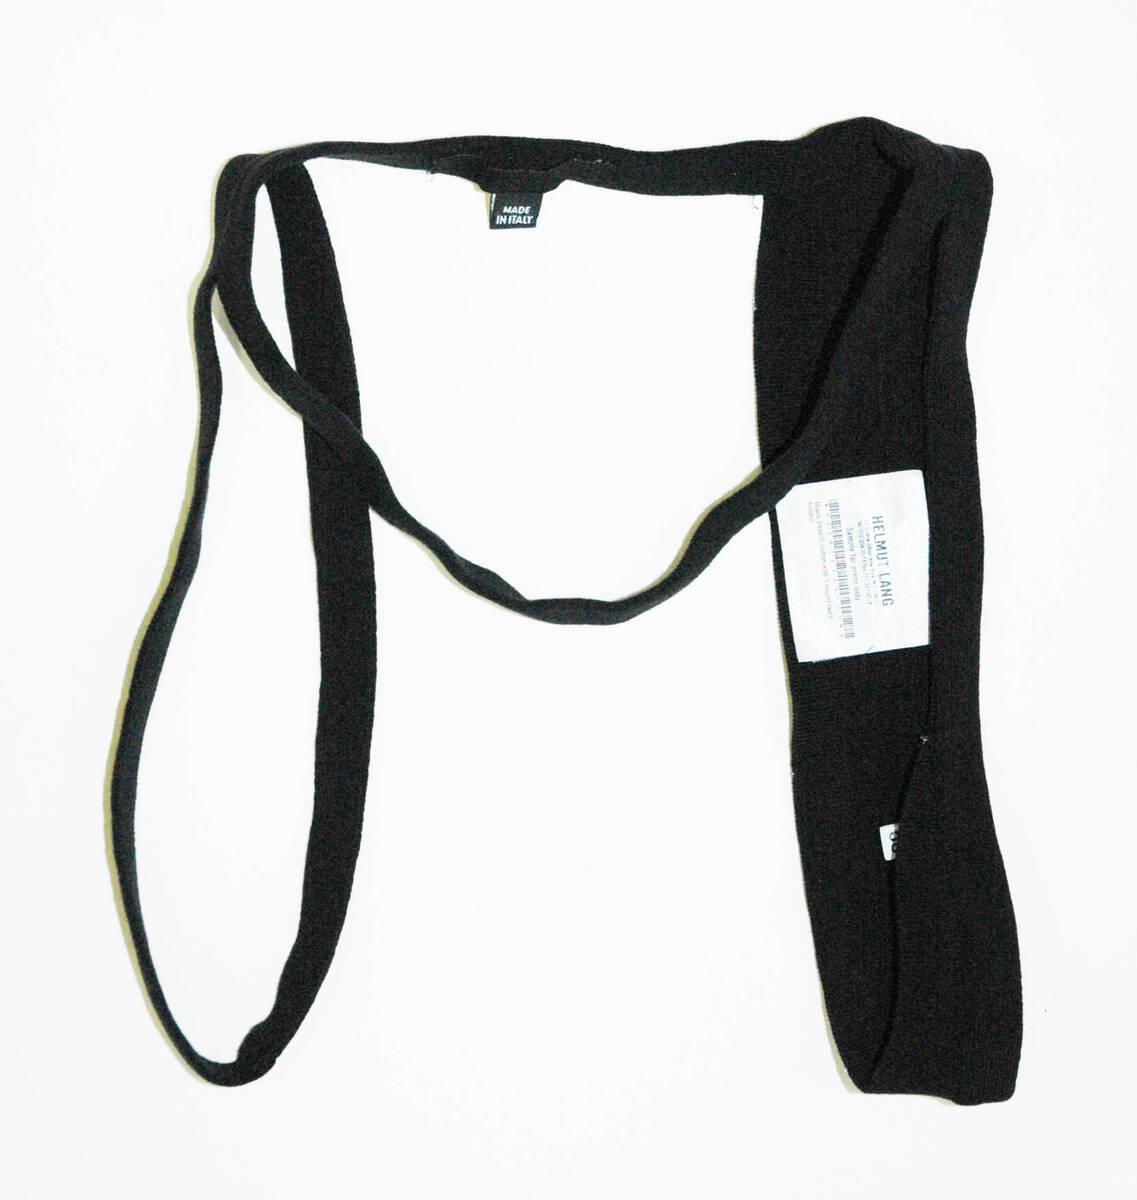 Accessoire - Vetement - schwarz (deskriptiver Titel) von Helmut Lang <Firma>